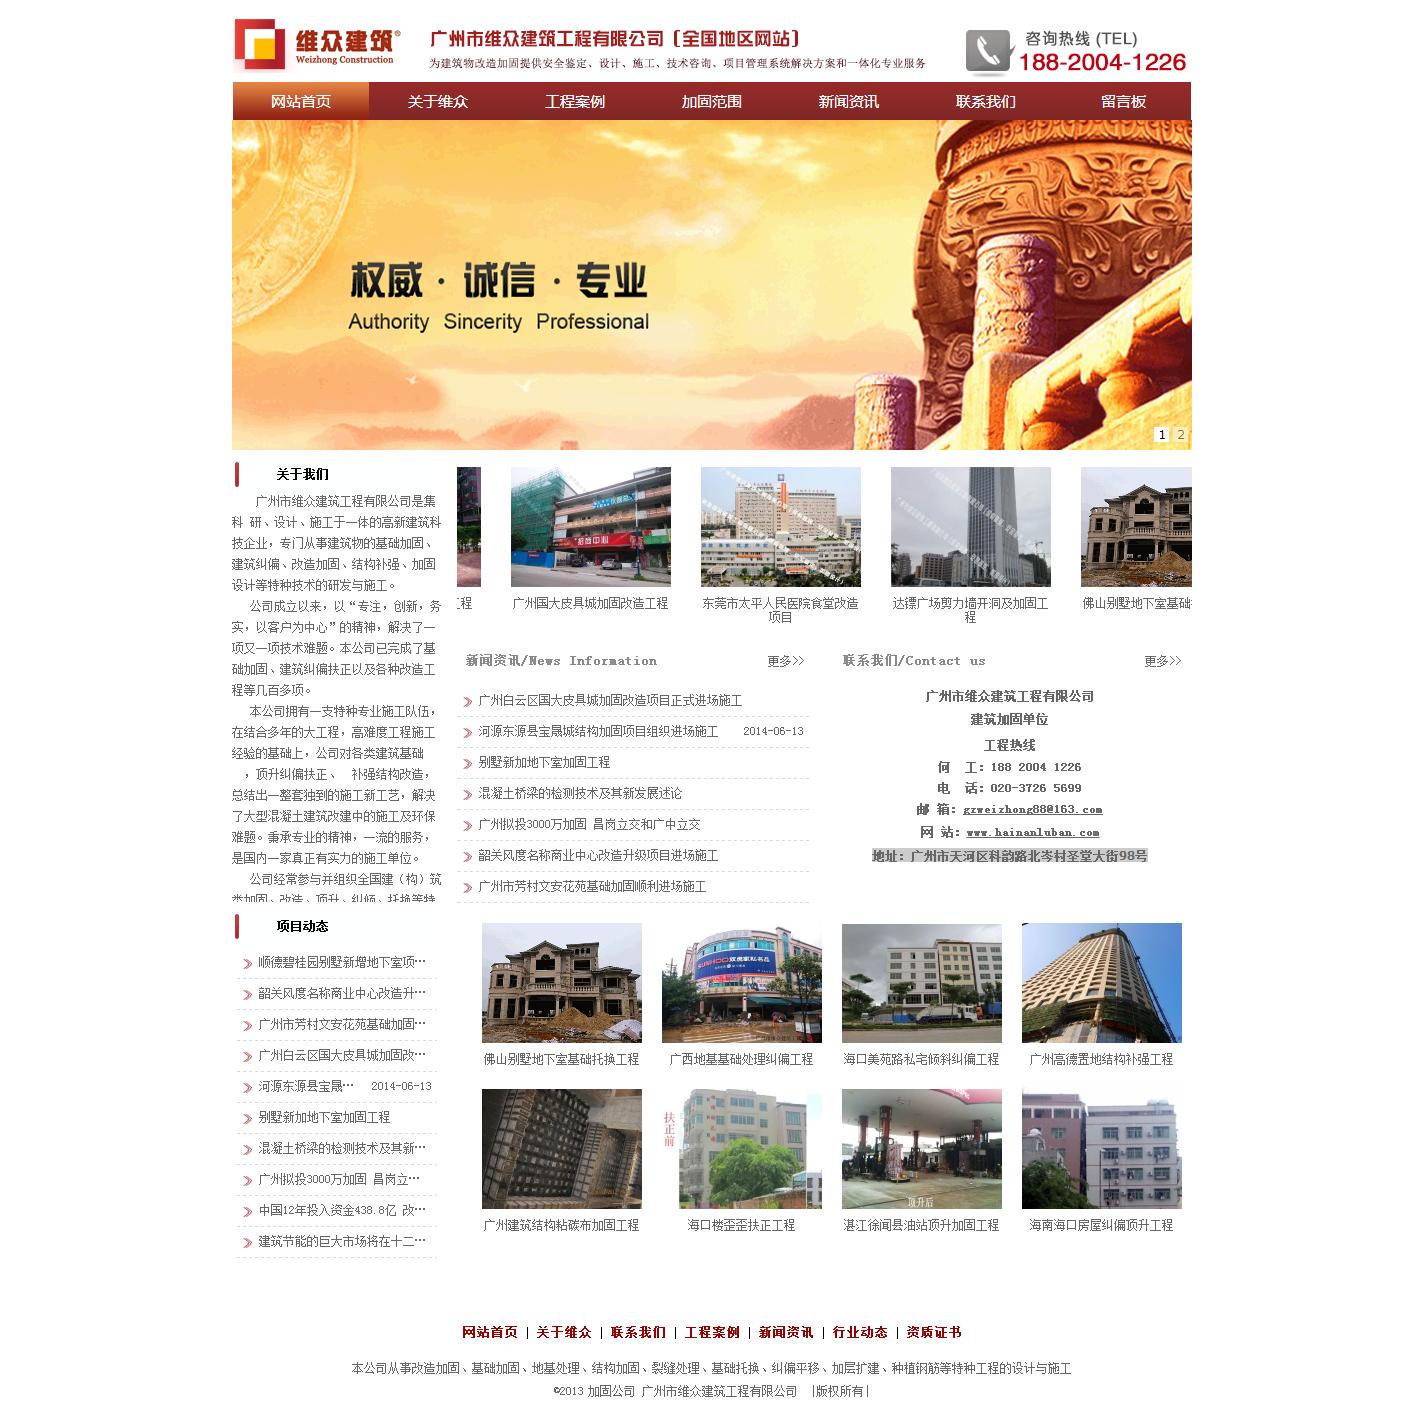 广州建筑结构加固 房屋基础加固 广州加固公司